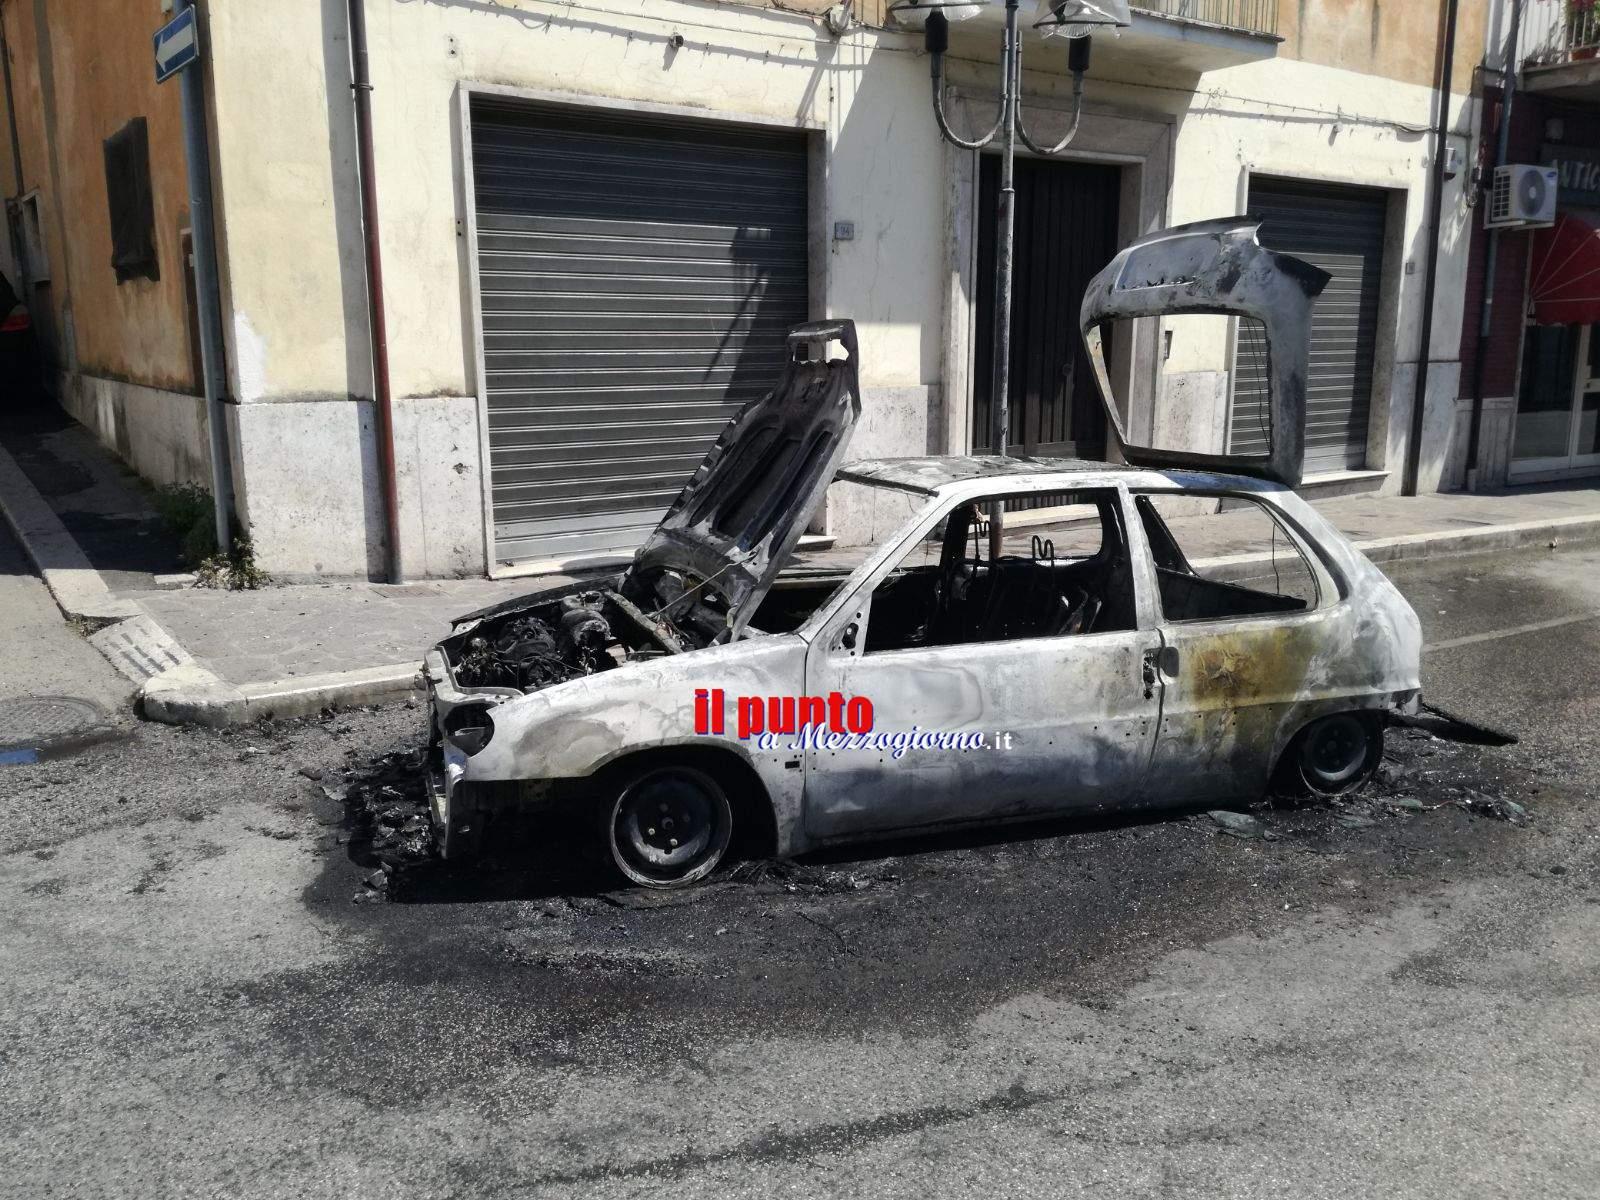 Pontecorvo: Auto in fiamme in via 24 maggio. Malore per una donna